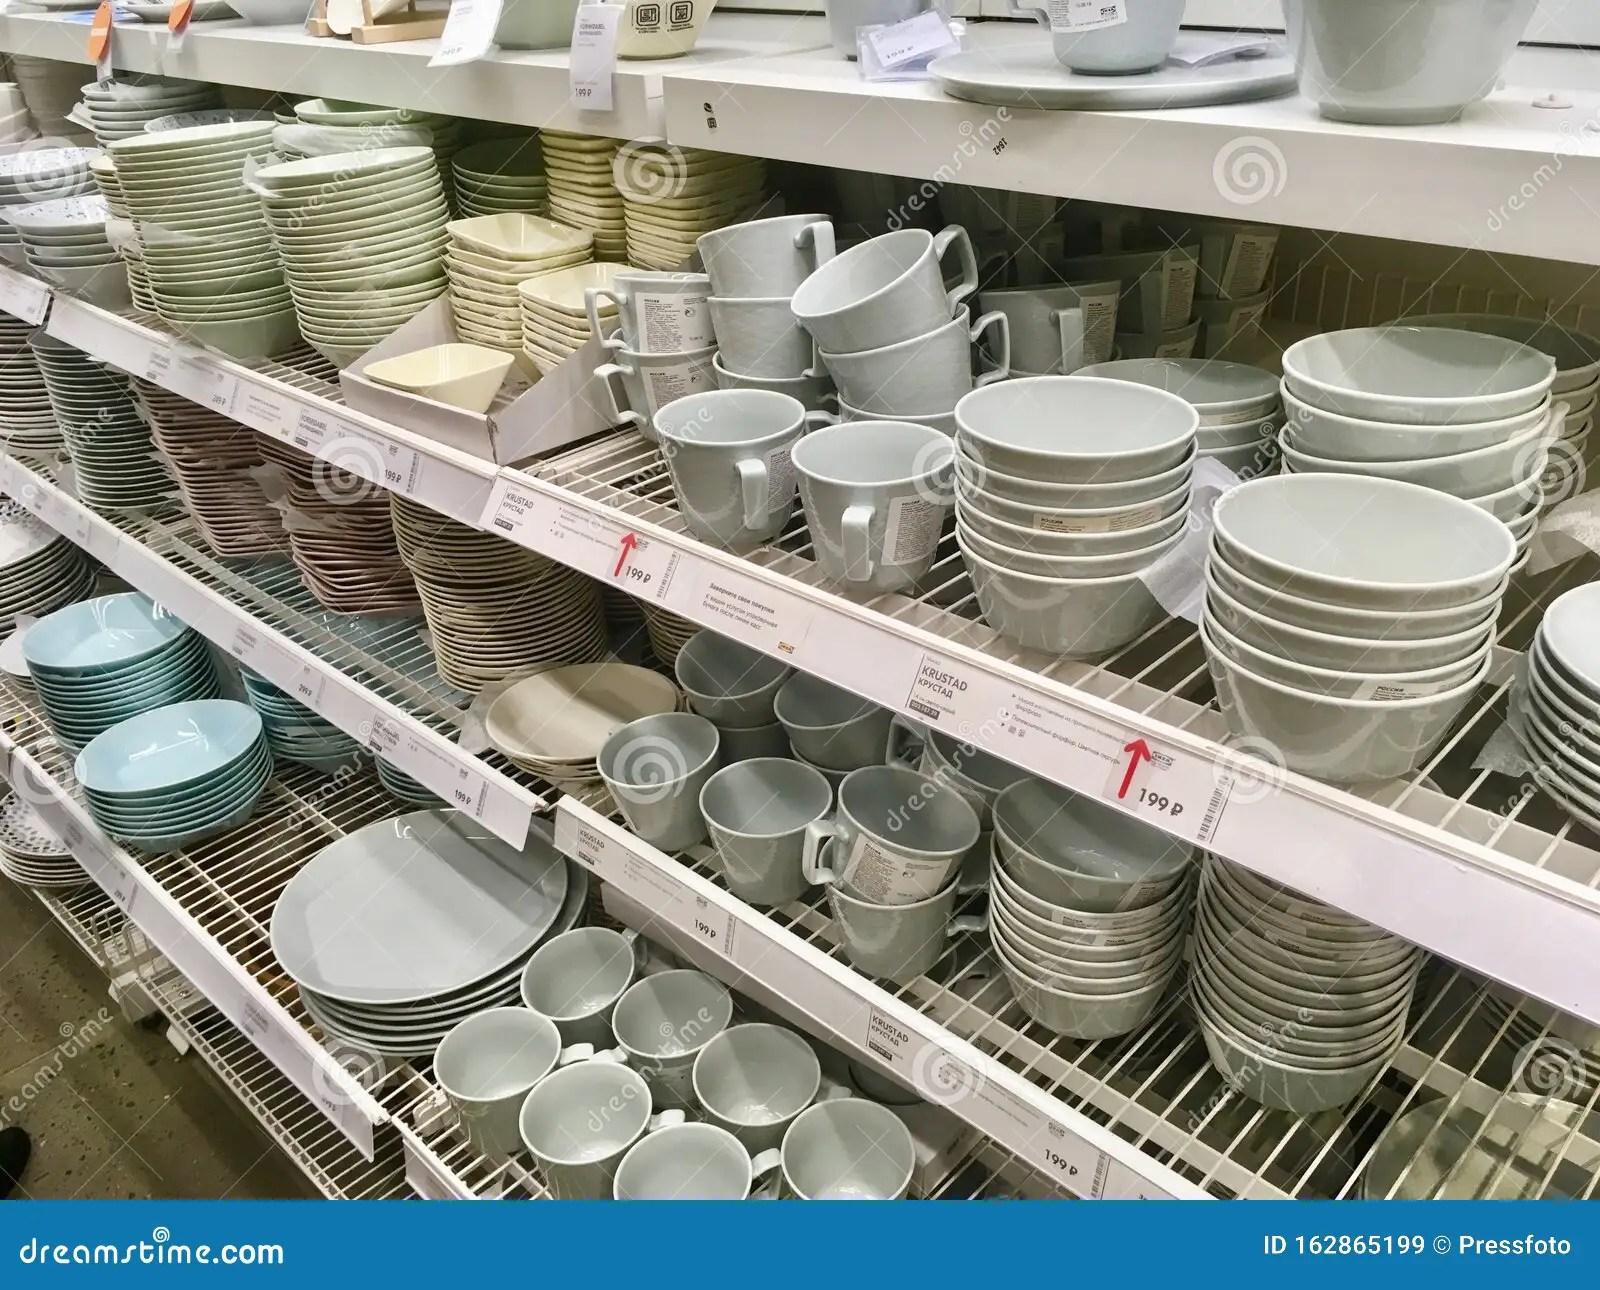 ustensiles de cuisine au magasin ikea